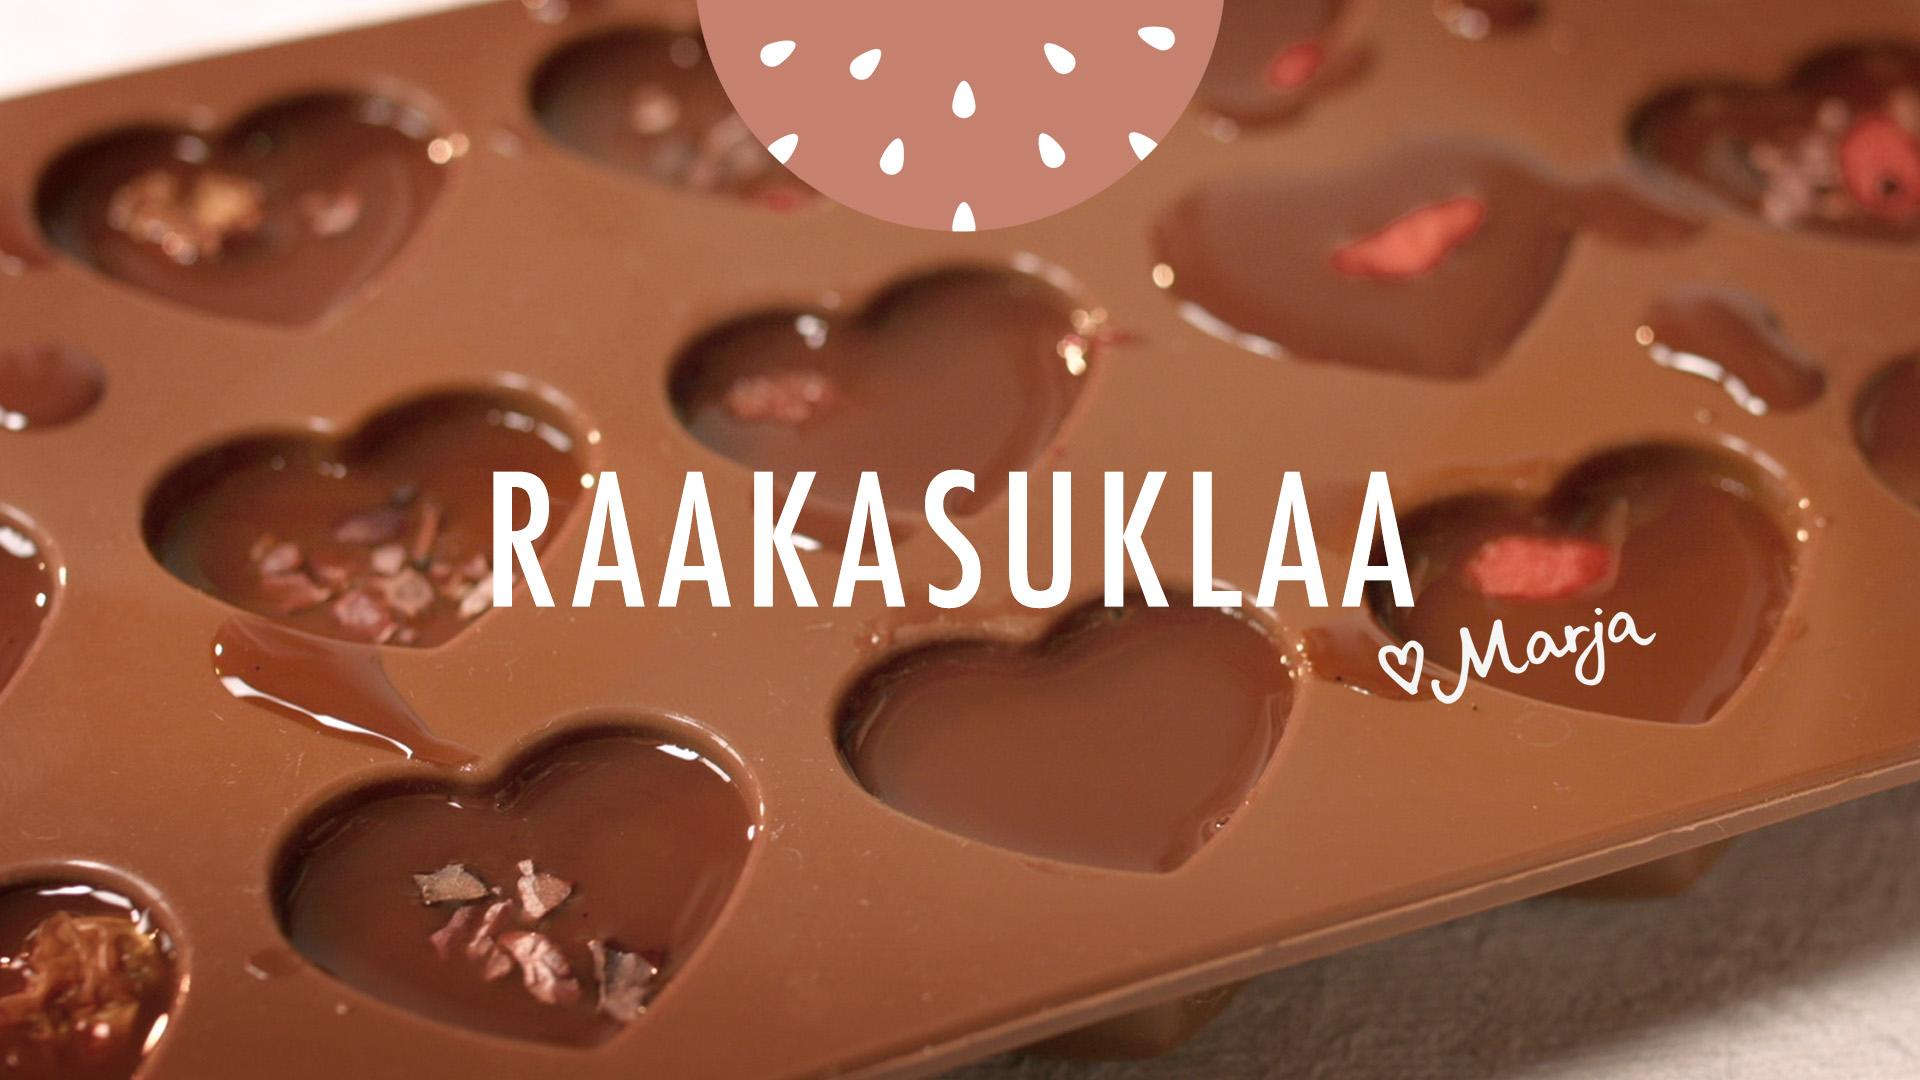 Raakasuklaa